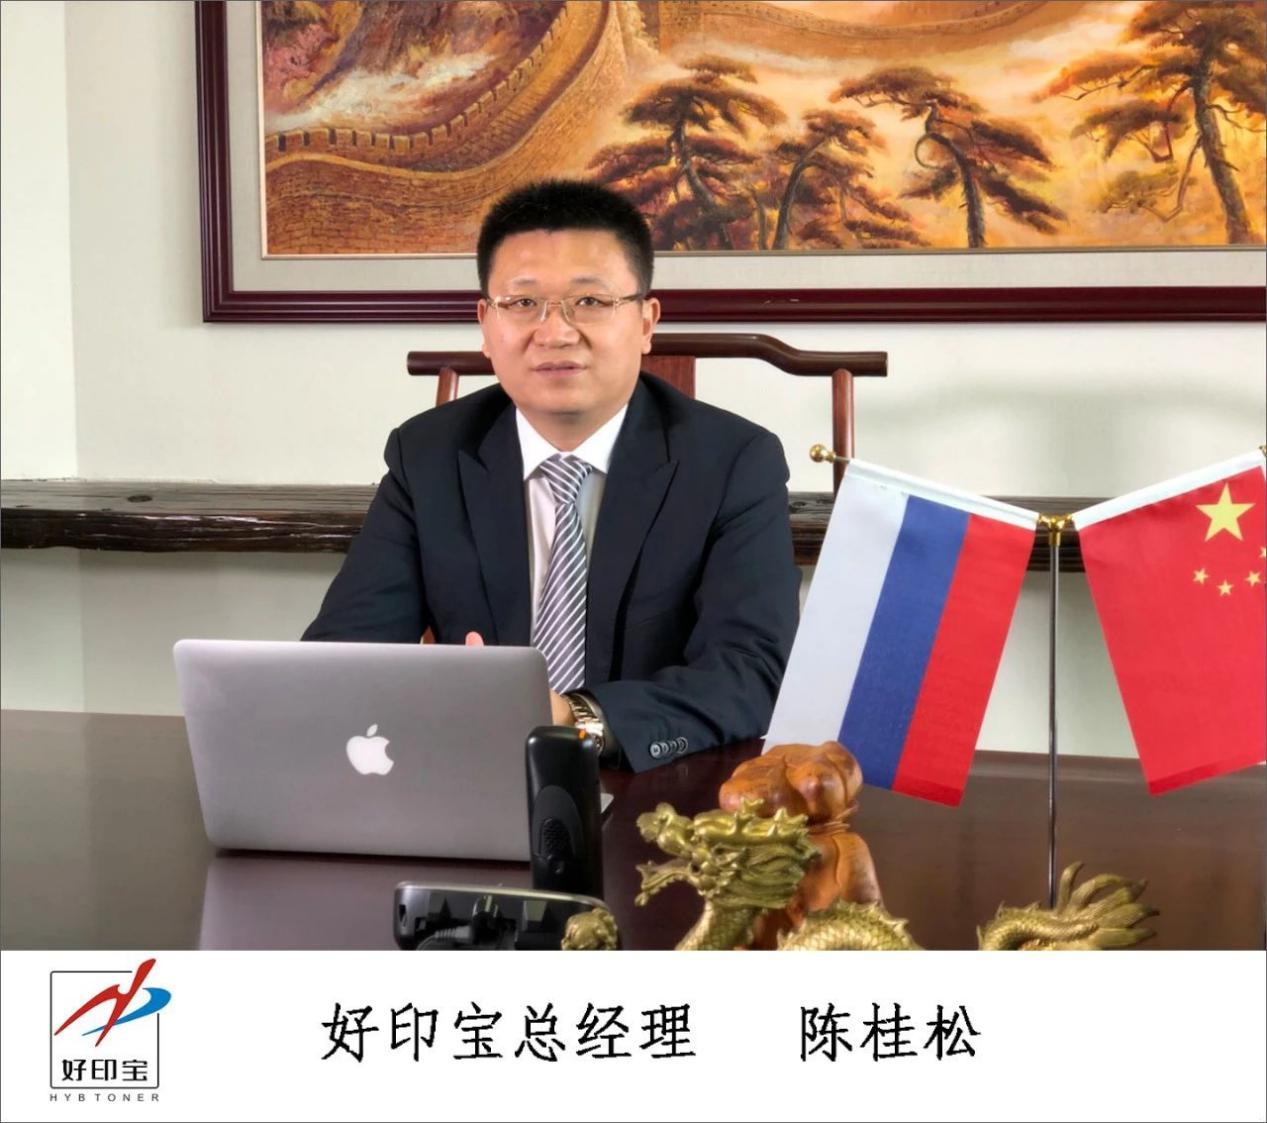 好印宝总经理陈桂松接受DATA SUPPLY专题访谈